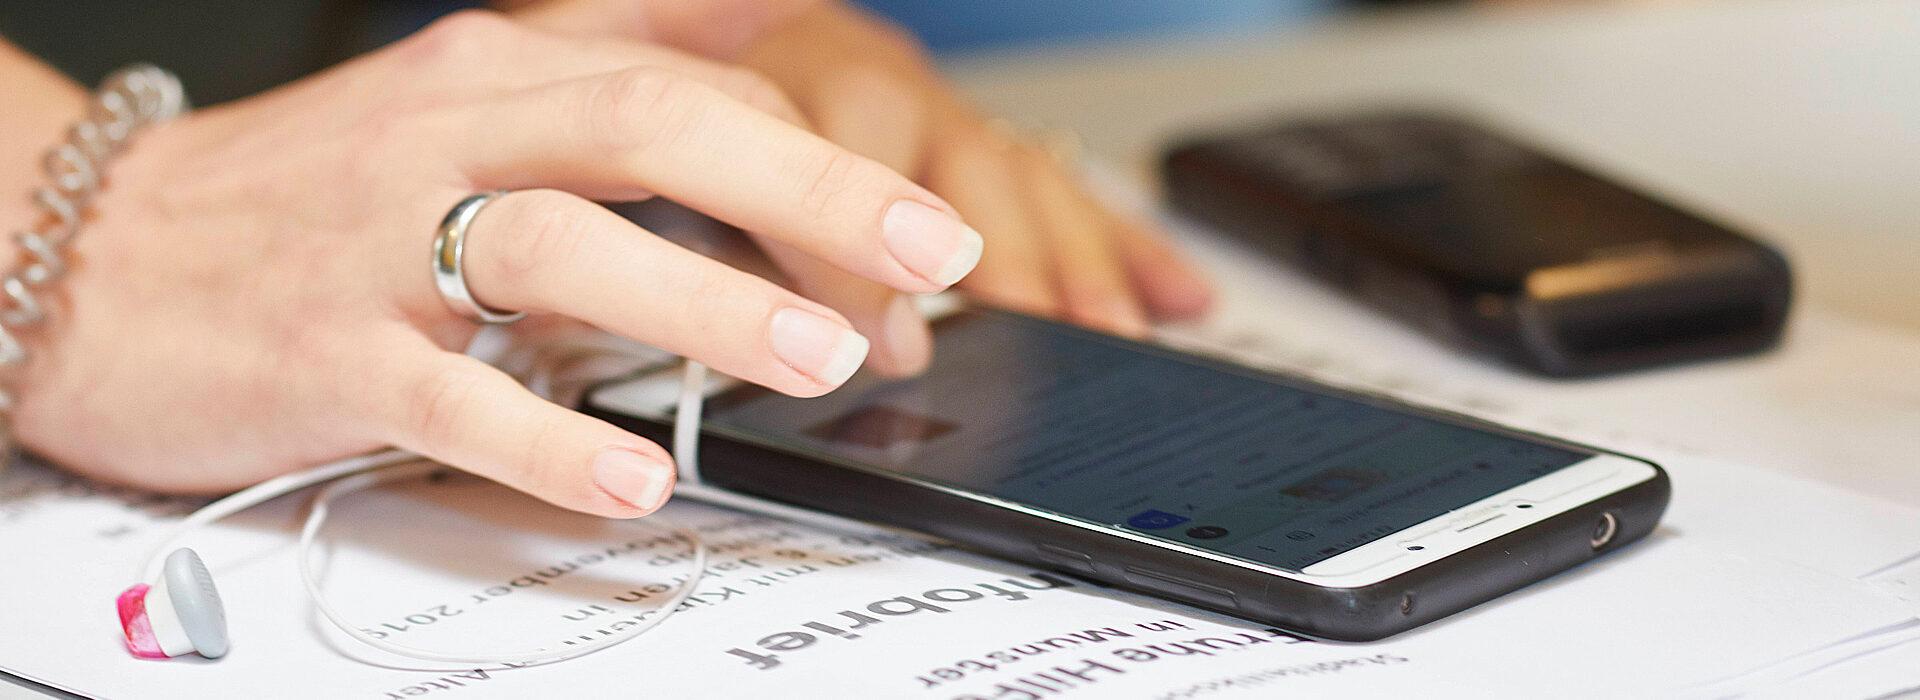 Foto: Hand mit Smartphone